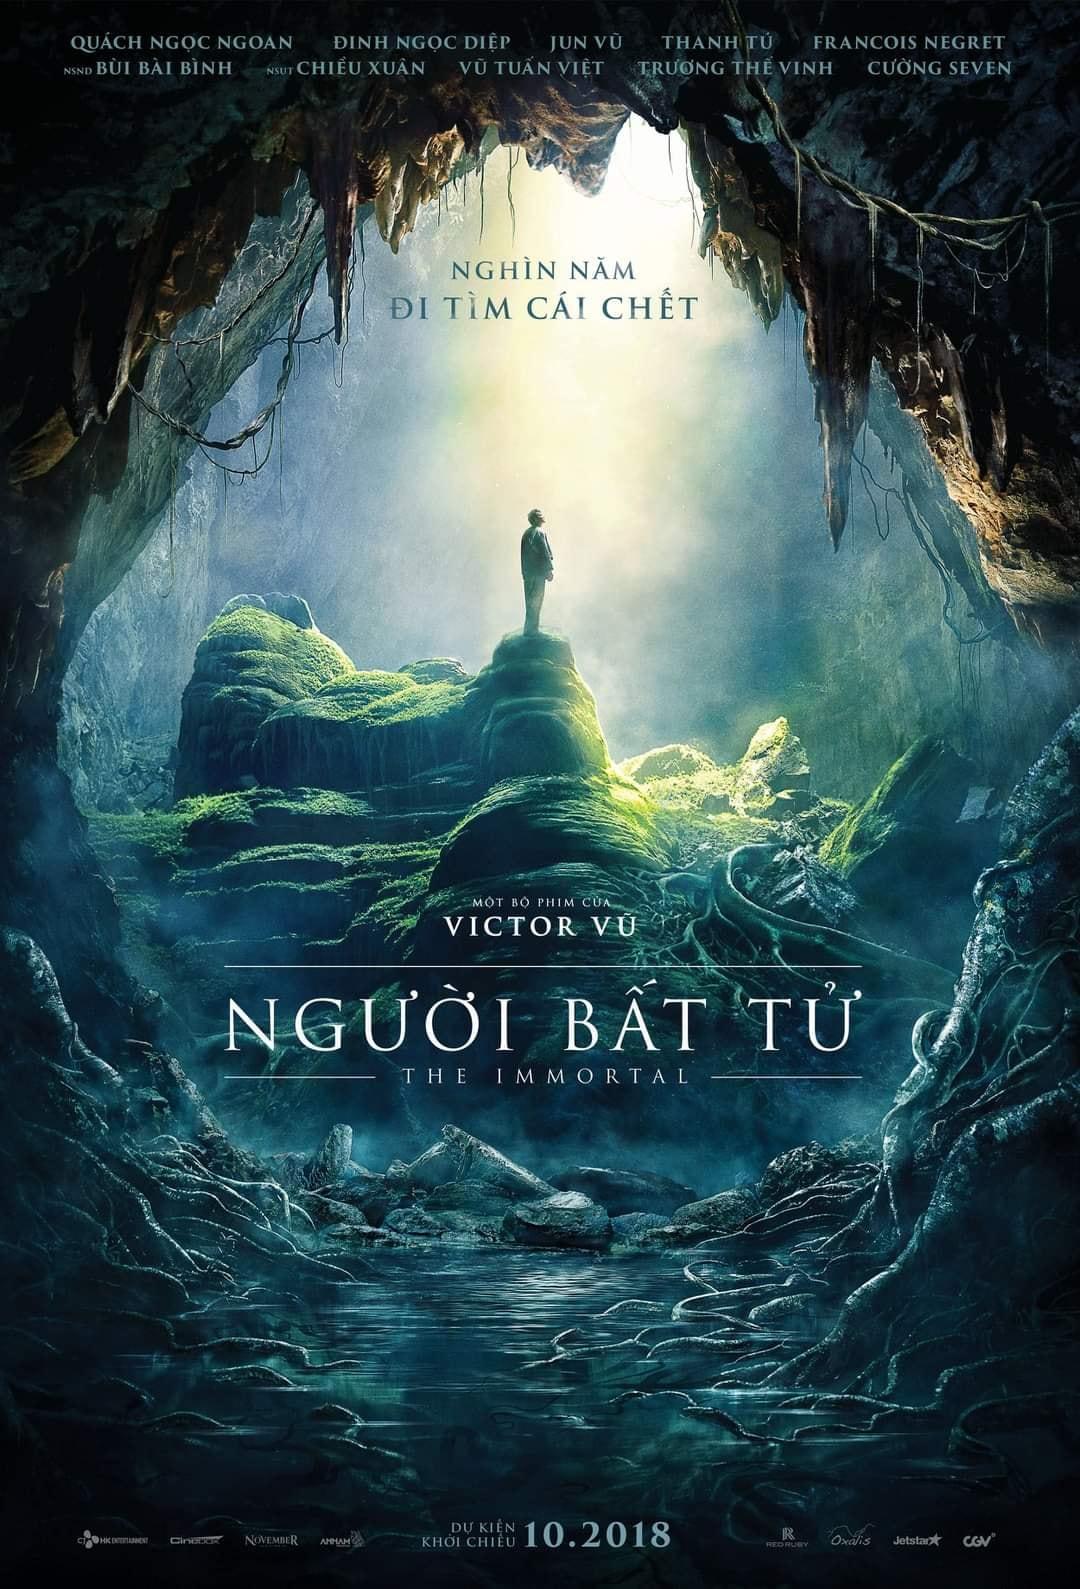 Victor Vũ - Vị đạo diễn hàng đầu Việt Nam 1